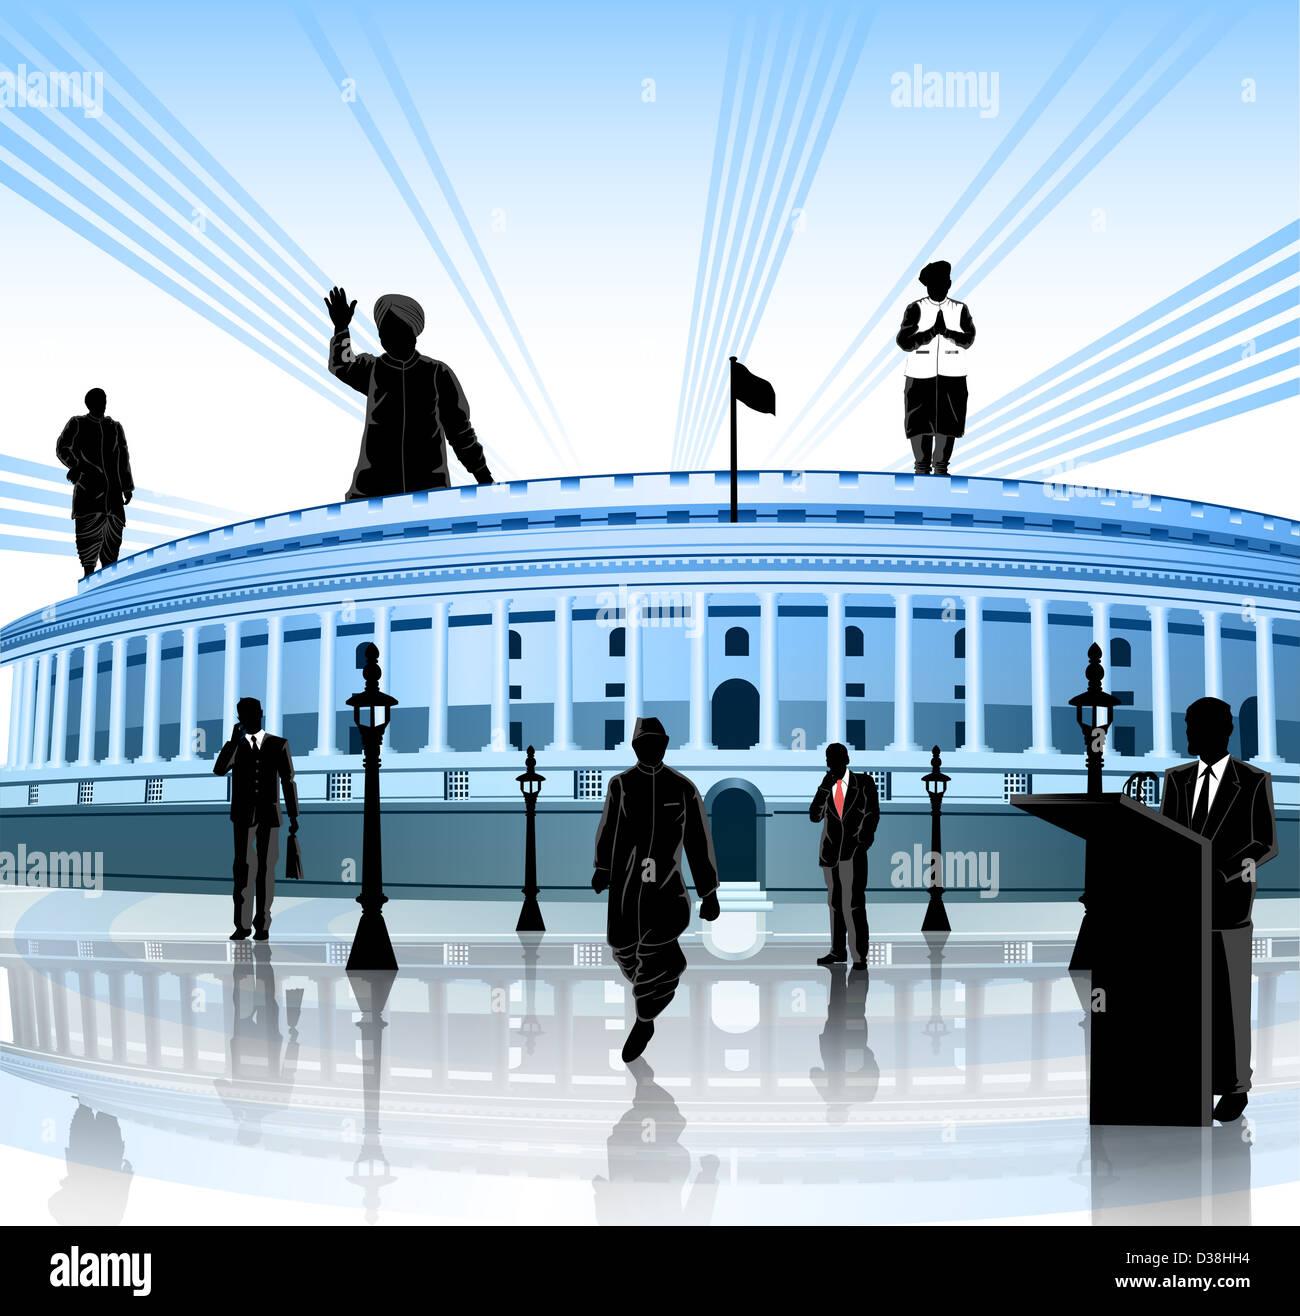 Politische Führer um ein Regierungsgebäude, Sansad Bhawan, New Delhi, Indien Stockbild